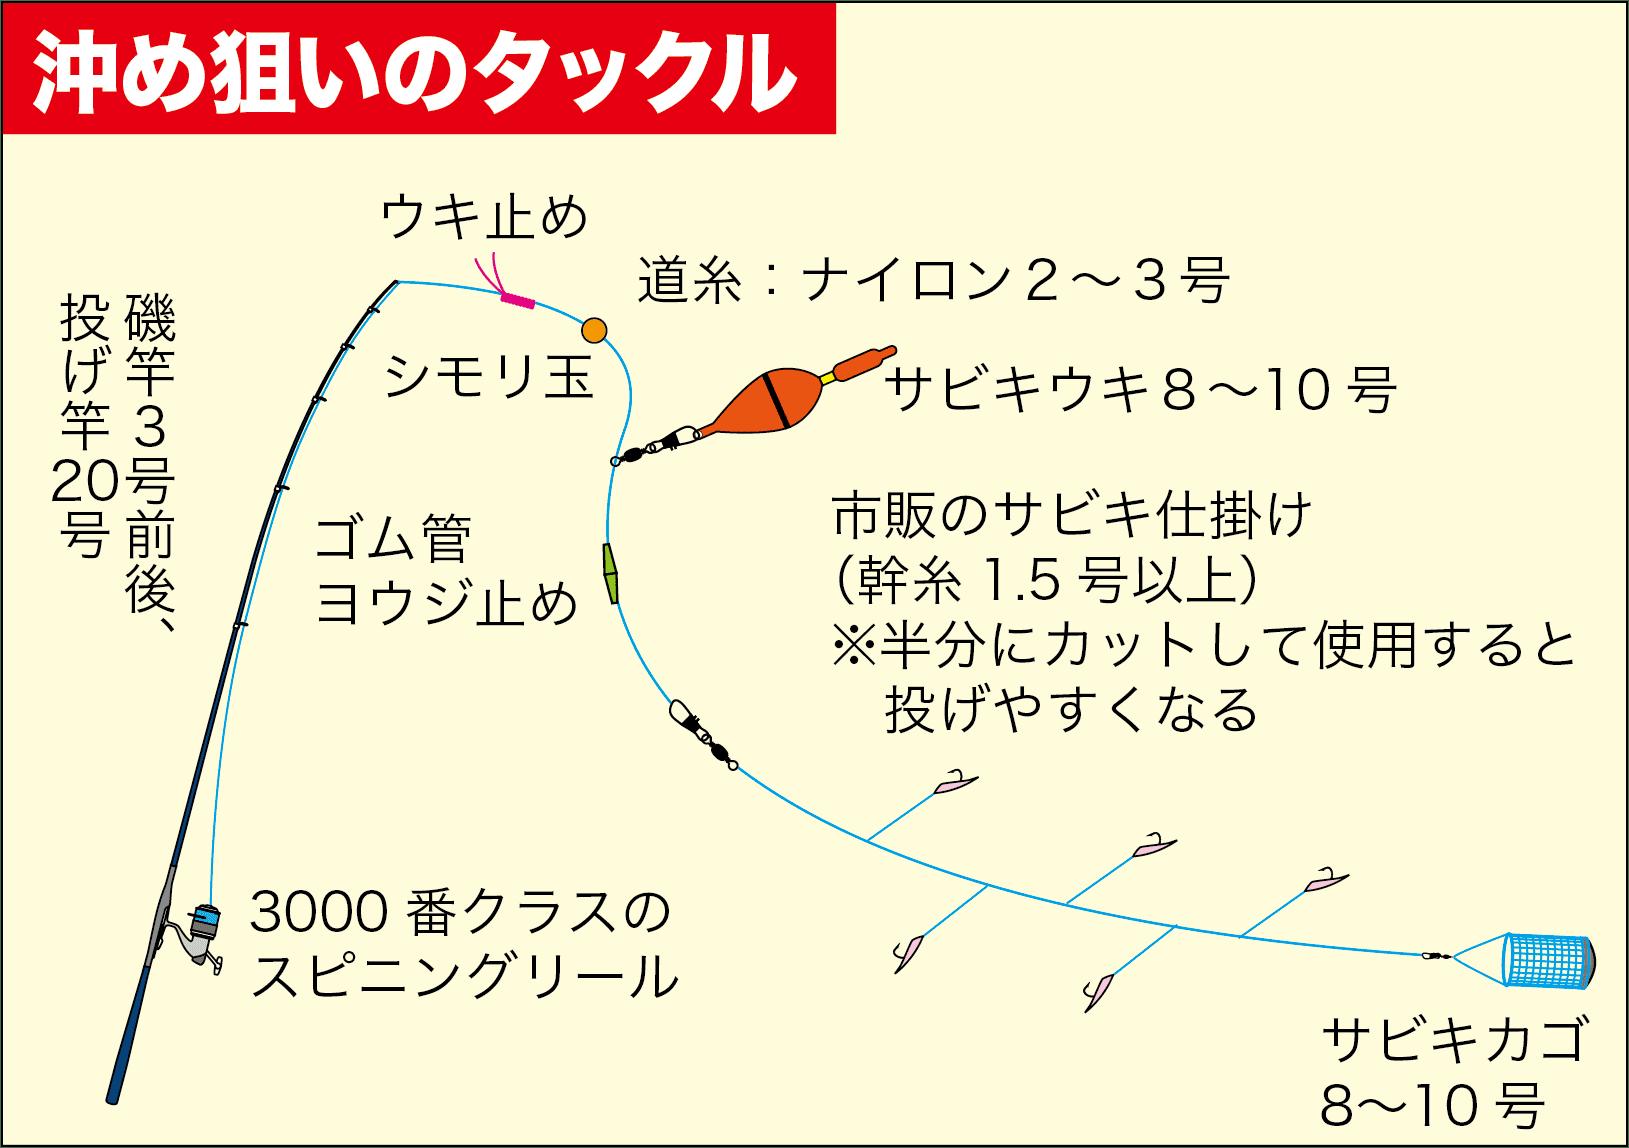 サビキ釣りスズナリ3-7